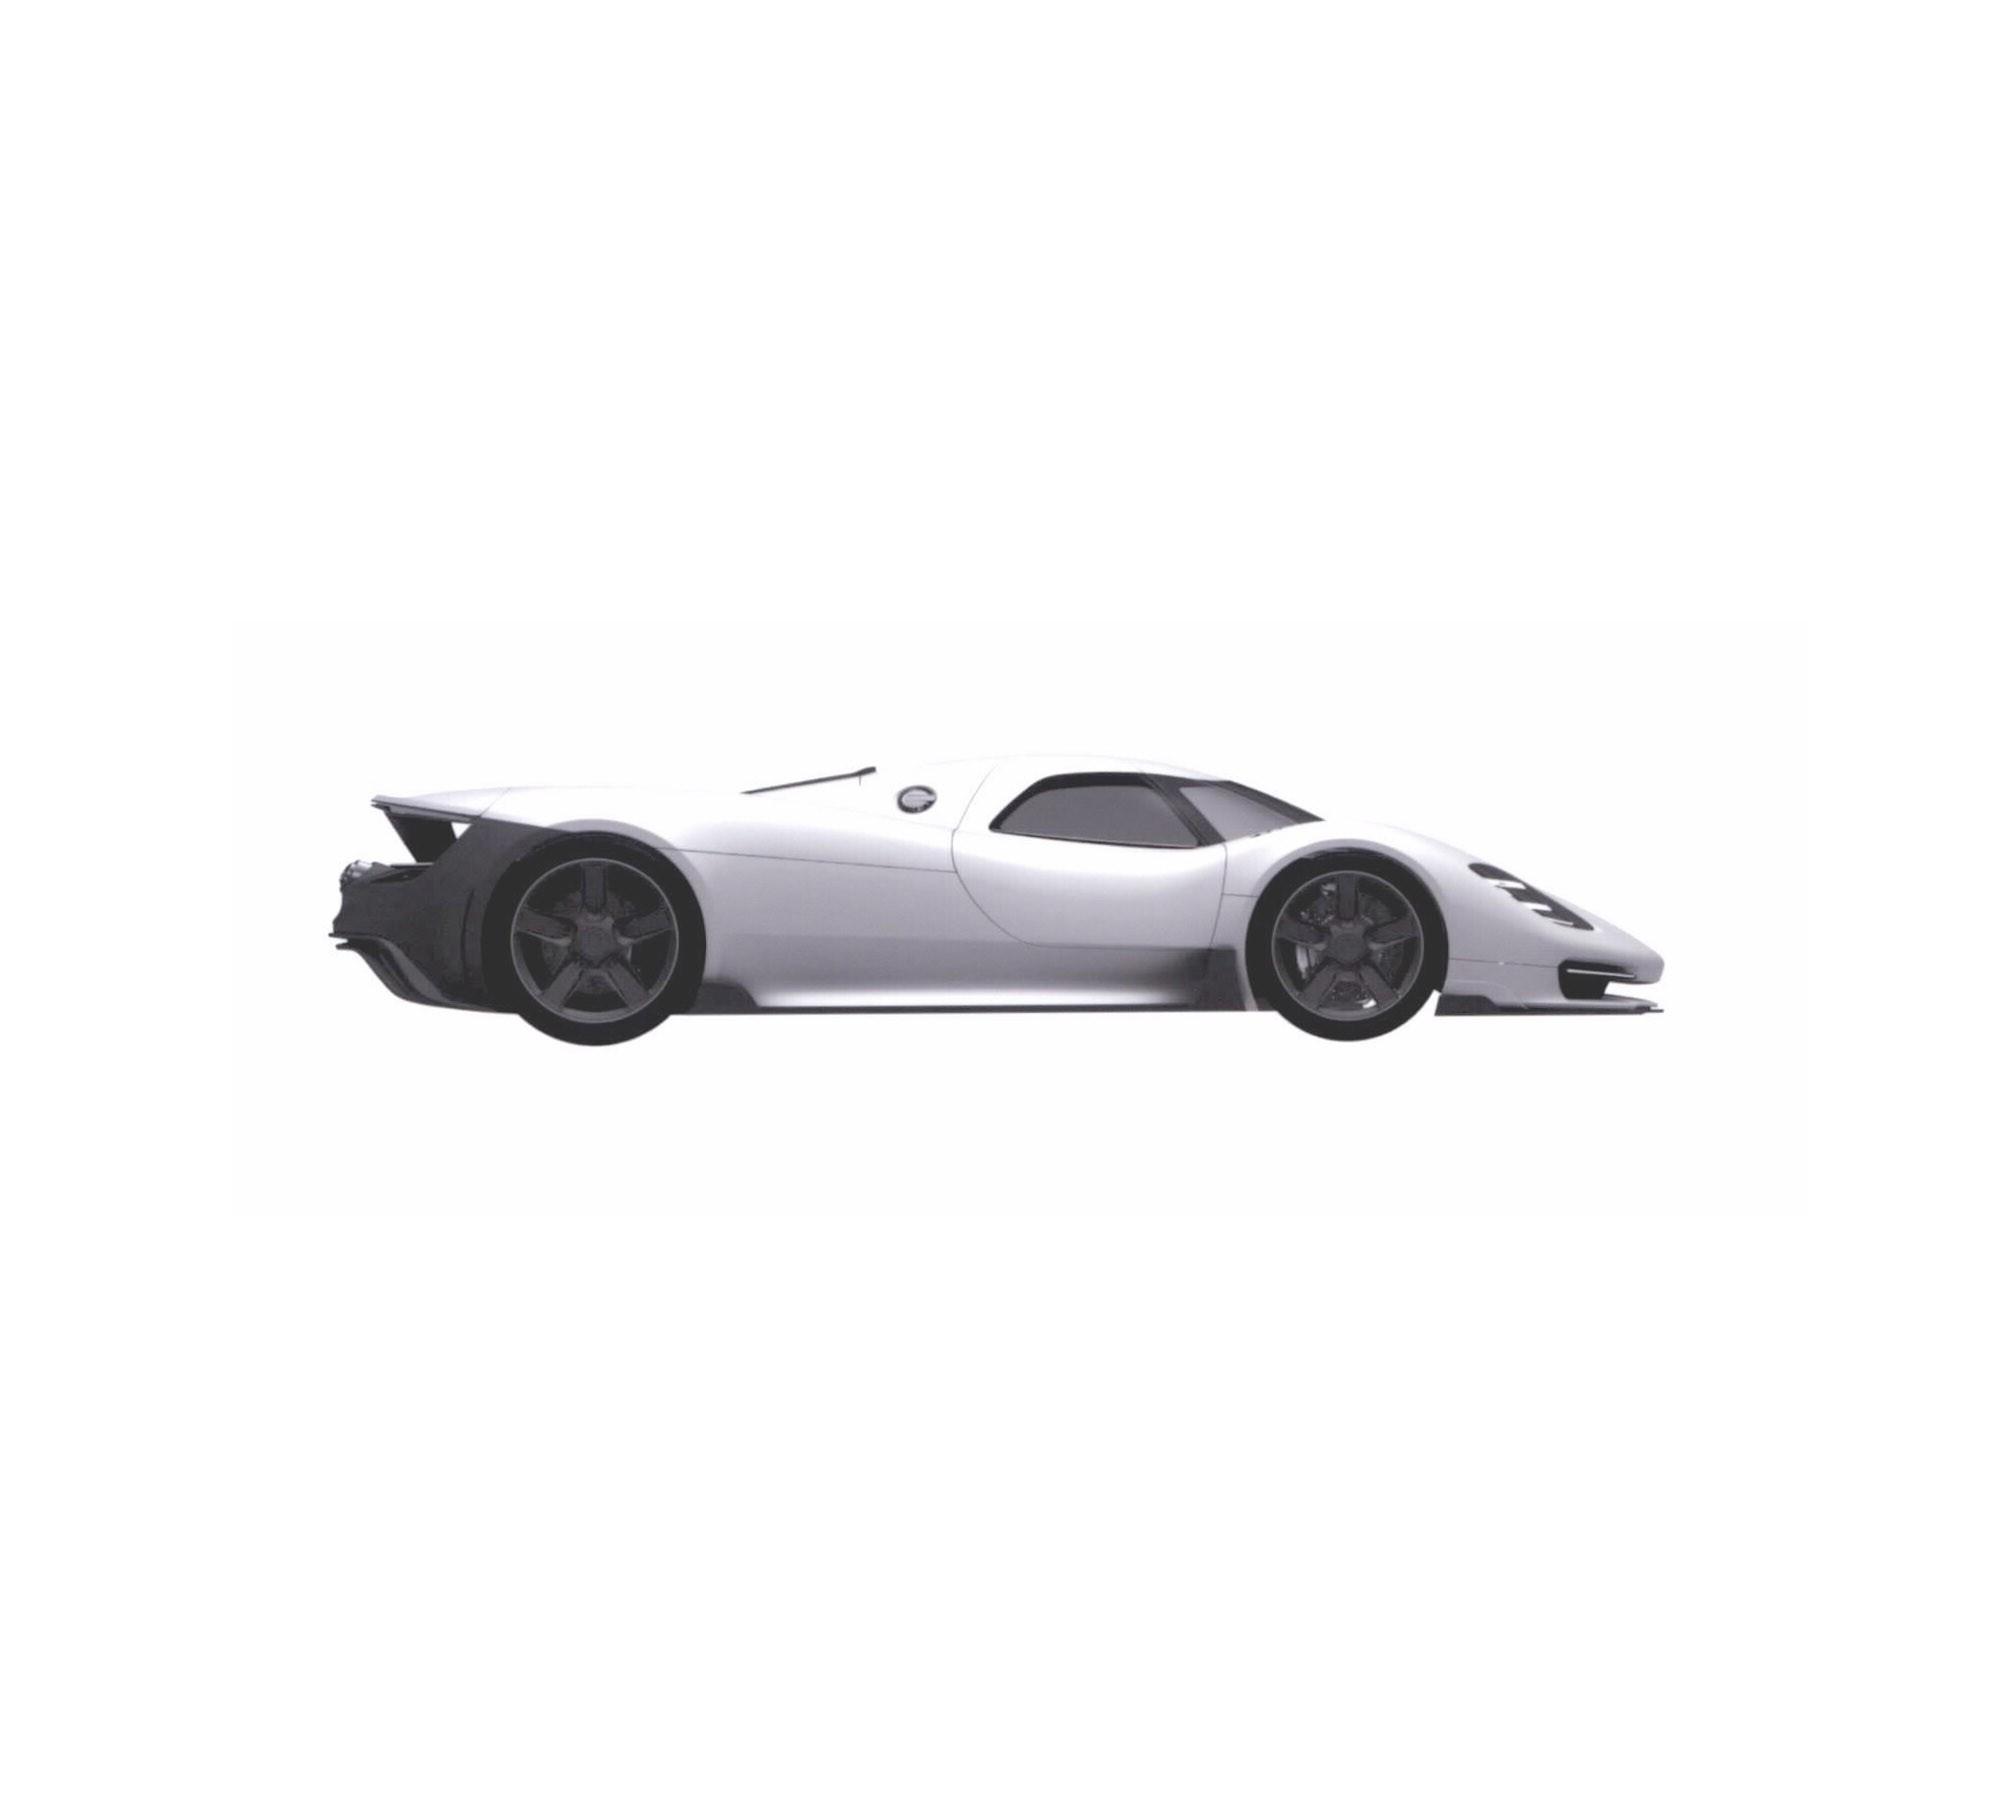 Porsche-918-Spyder-Successor-Patent-Images-14